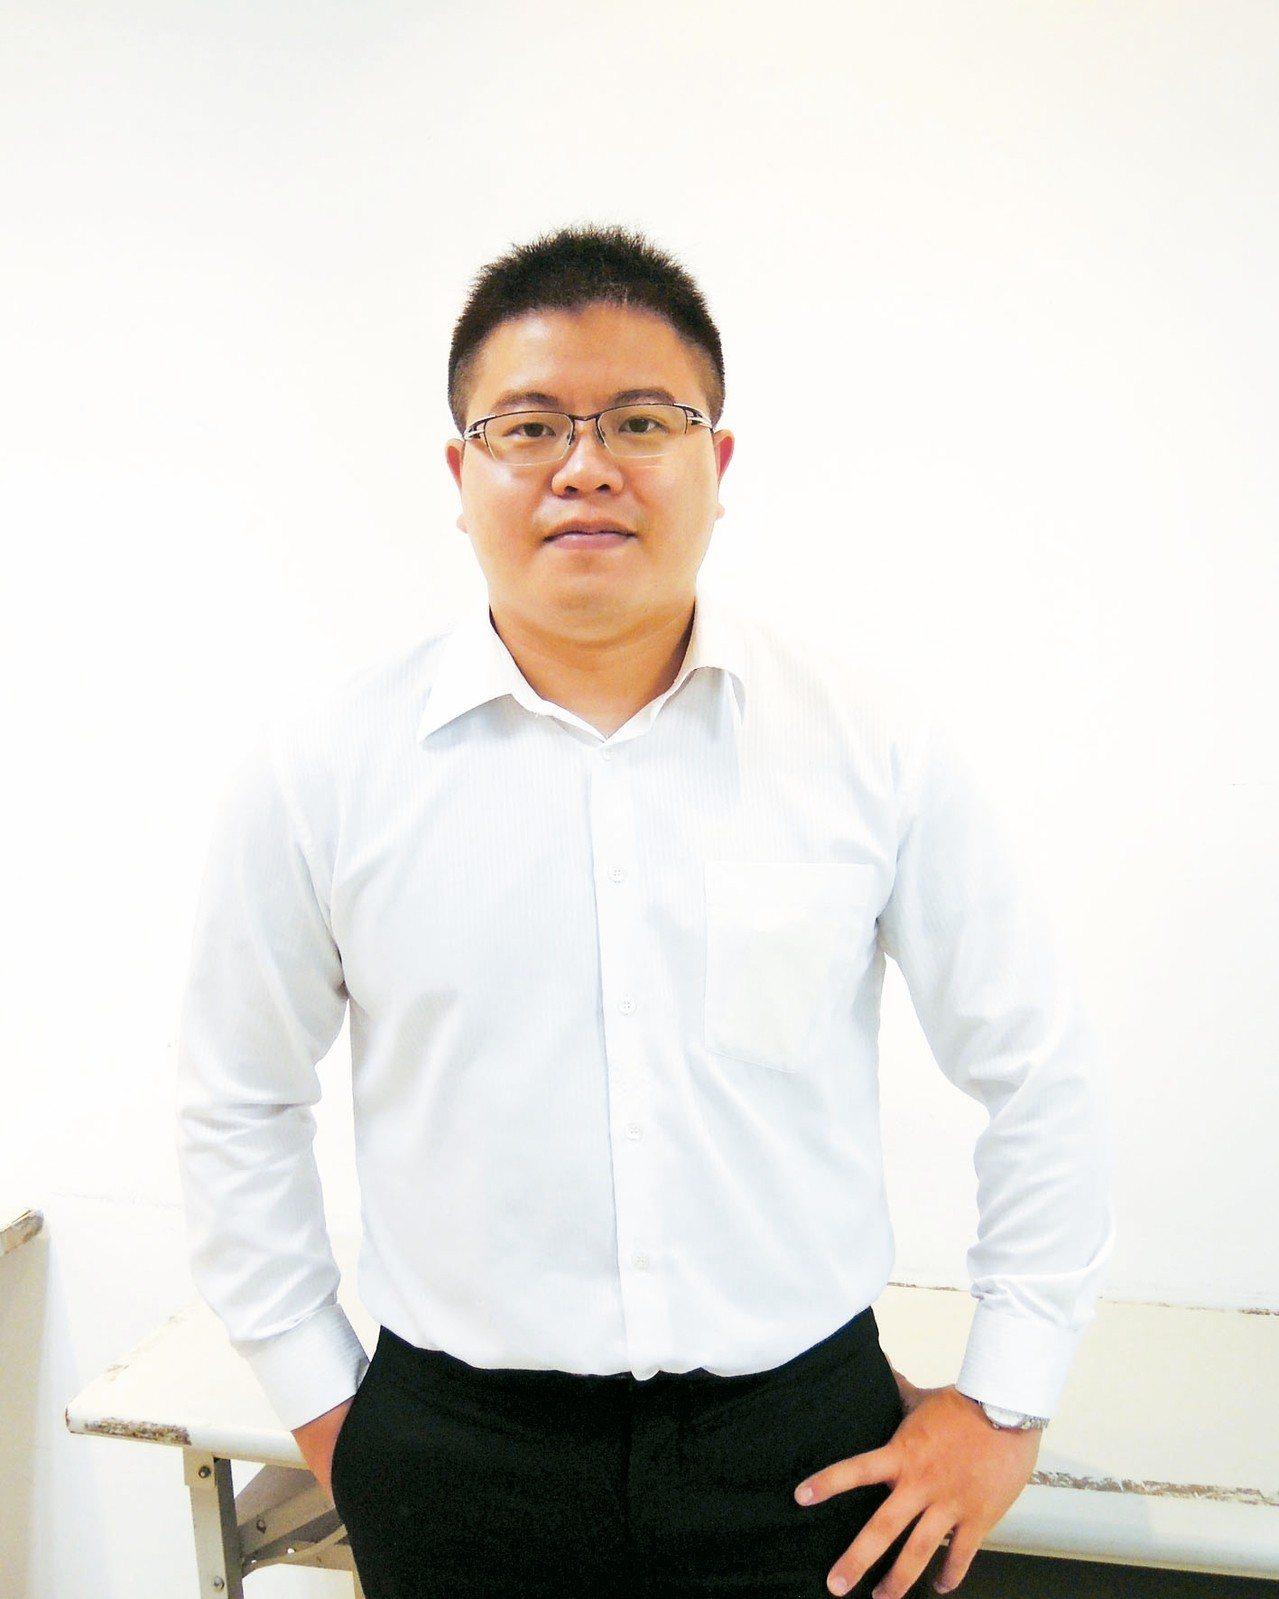 北京市國聯律師事務所律師沈杰 記者蔡敏姿/攝影